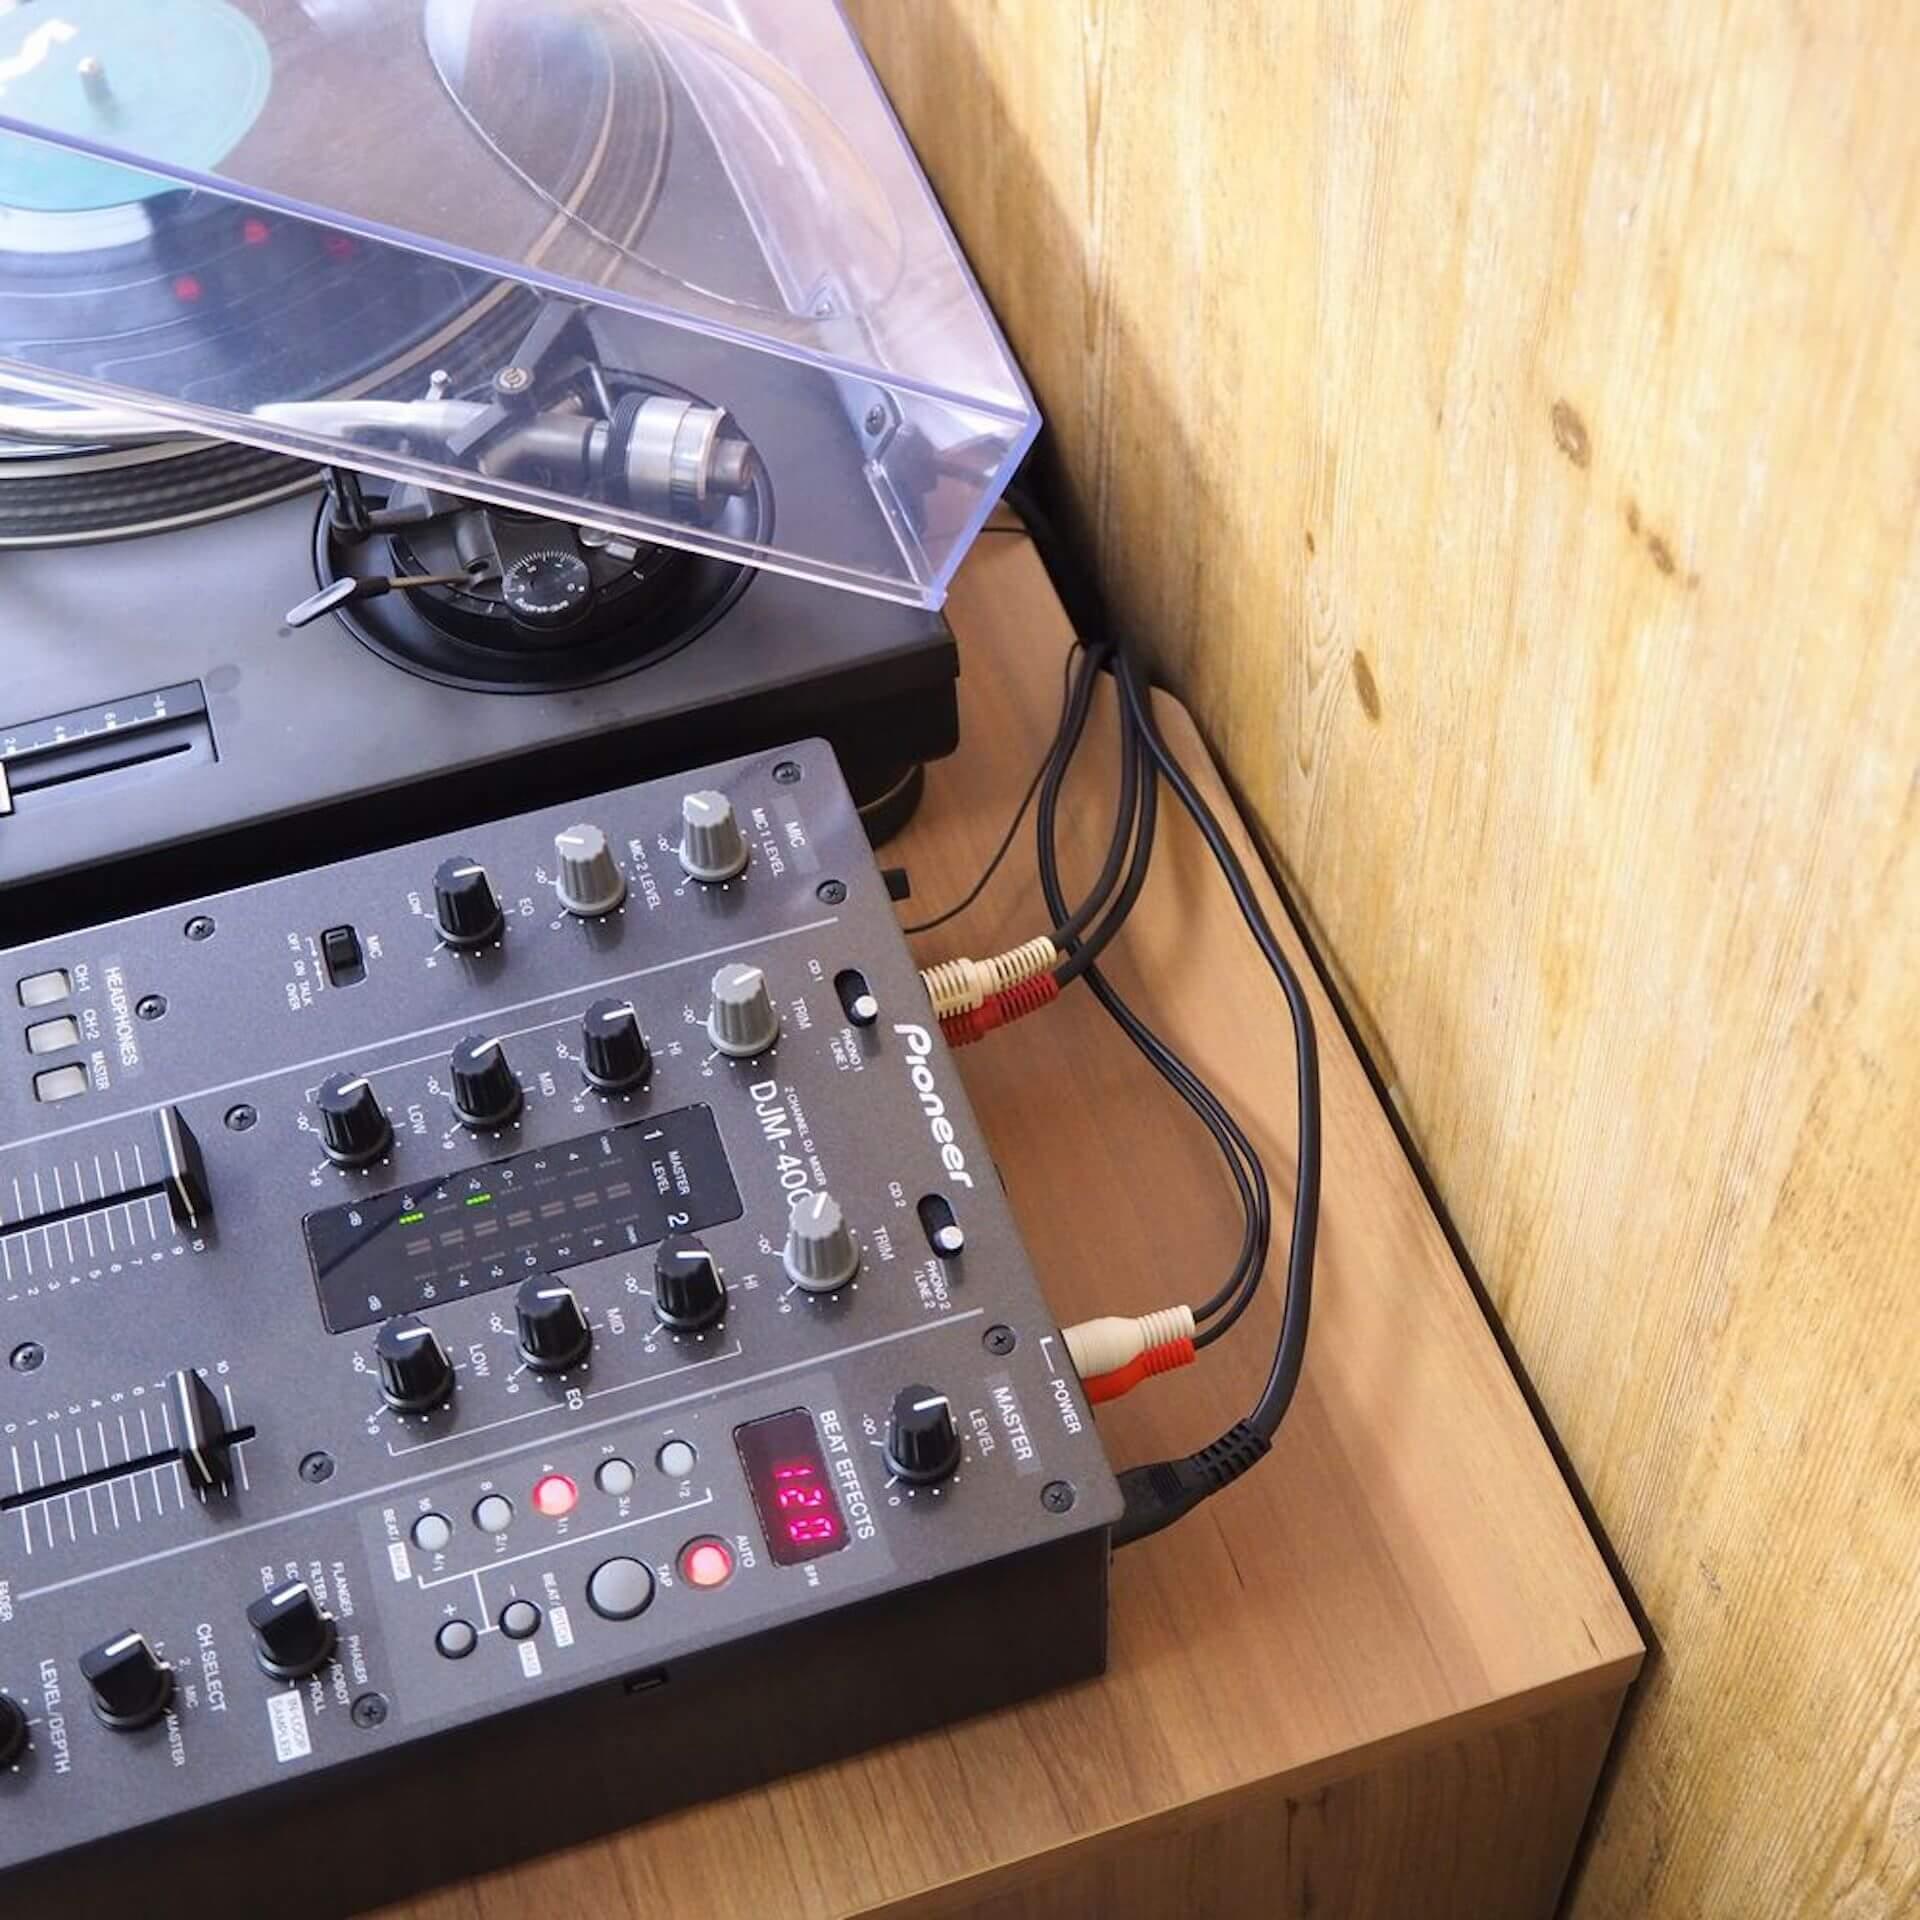 CD・レコードの収納用品に特化したディスクユニオン収納ストアが新宿にオープン!一部商品の情報も解禁 culture210624_diskunion8